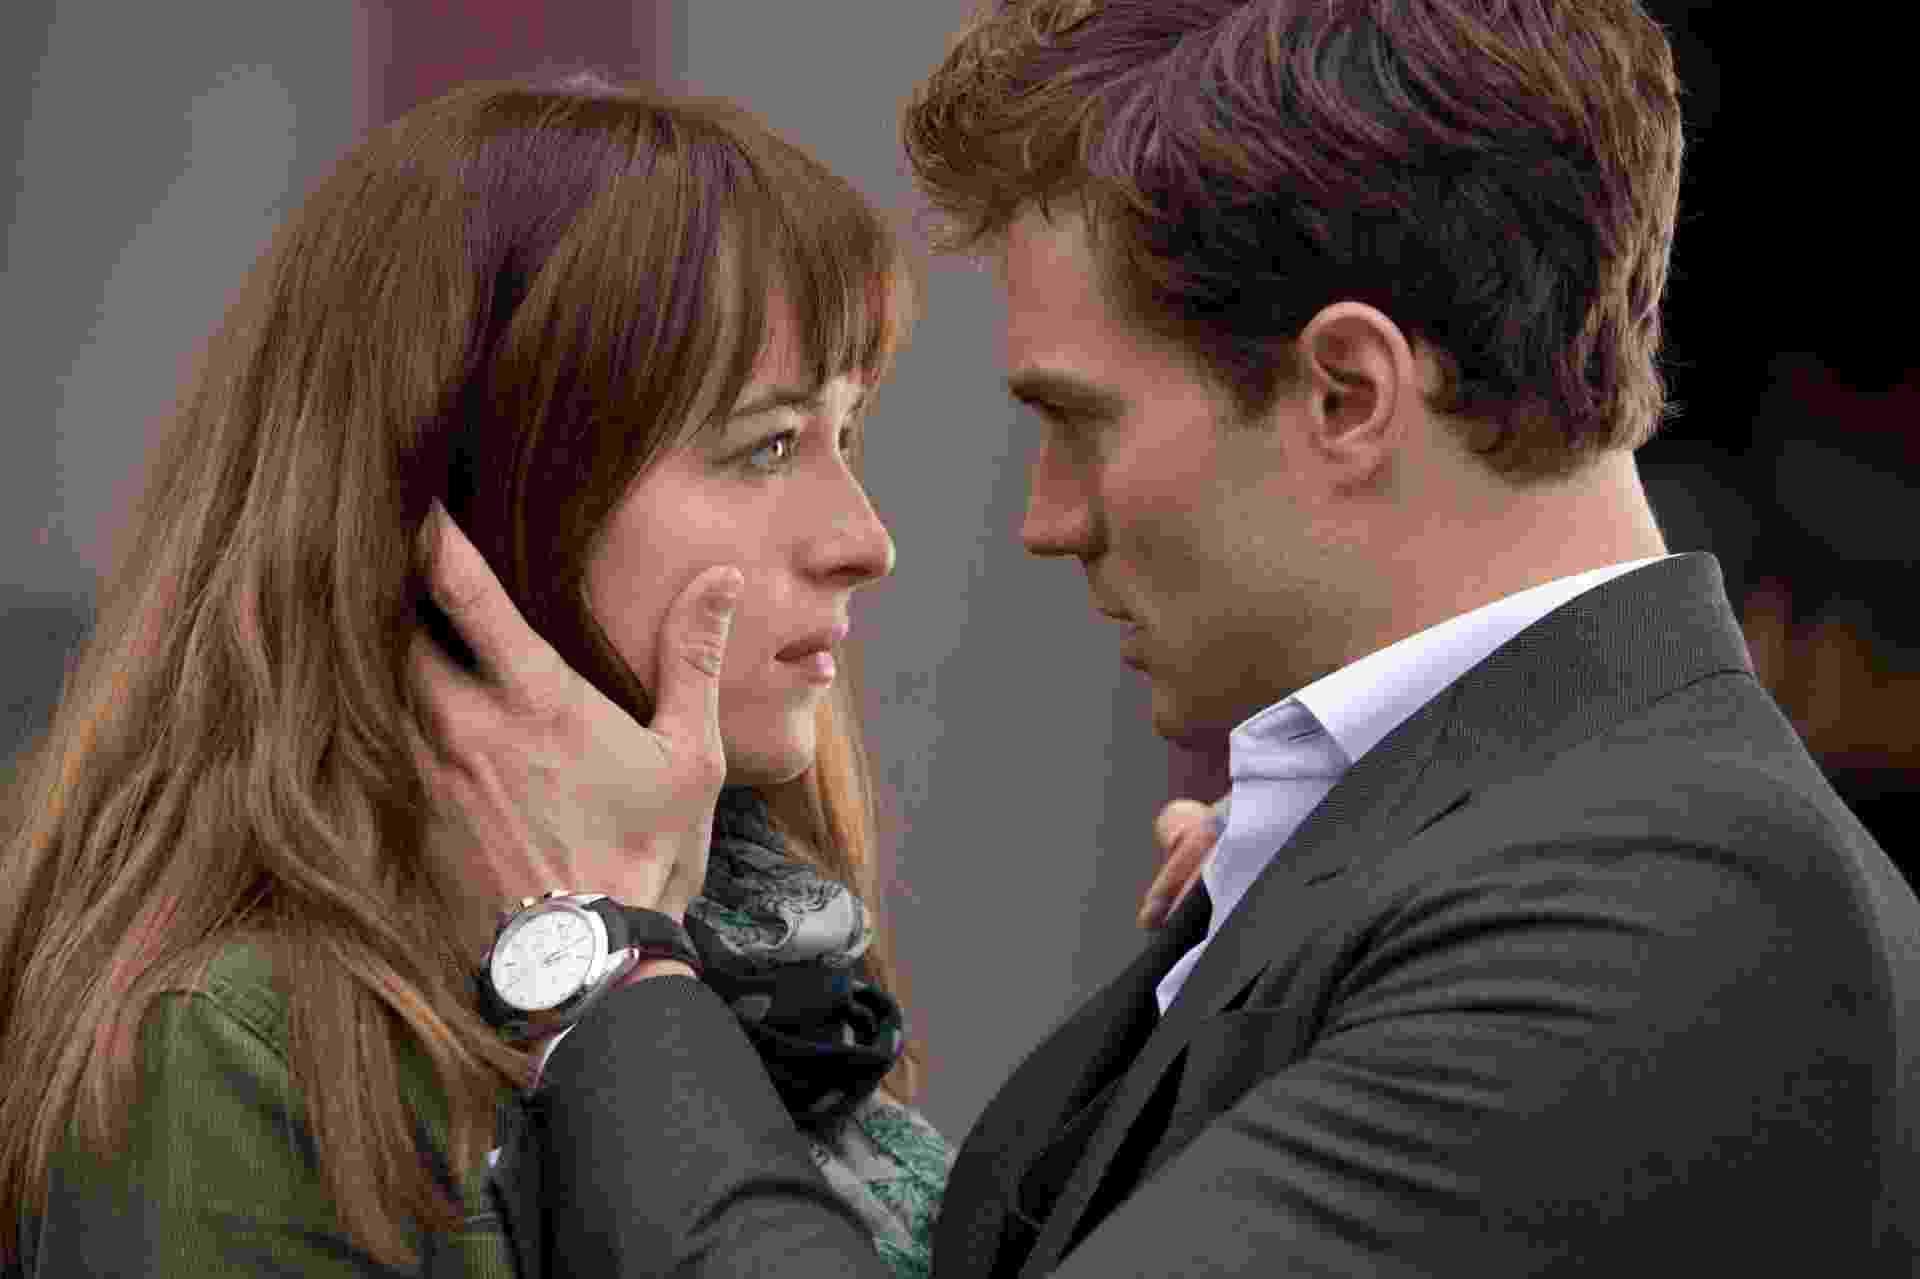 """Anastasia Steele (Dakota Johnson) e Christian Grey (Jamie Dornan) em cena romântica de """"Cinquenta Tons de Cinza"""" - Divulgação"""